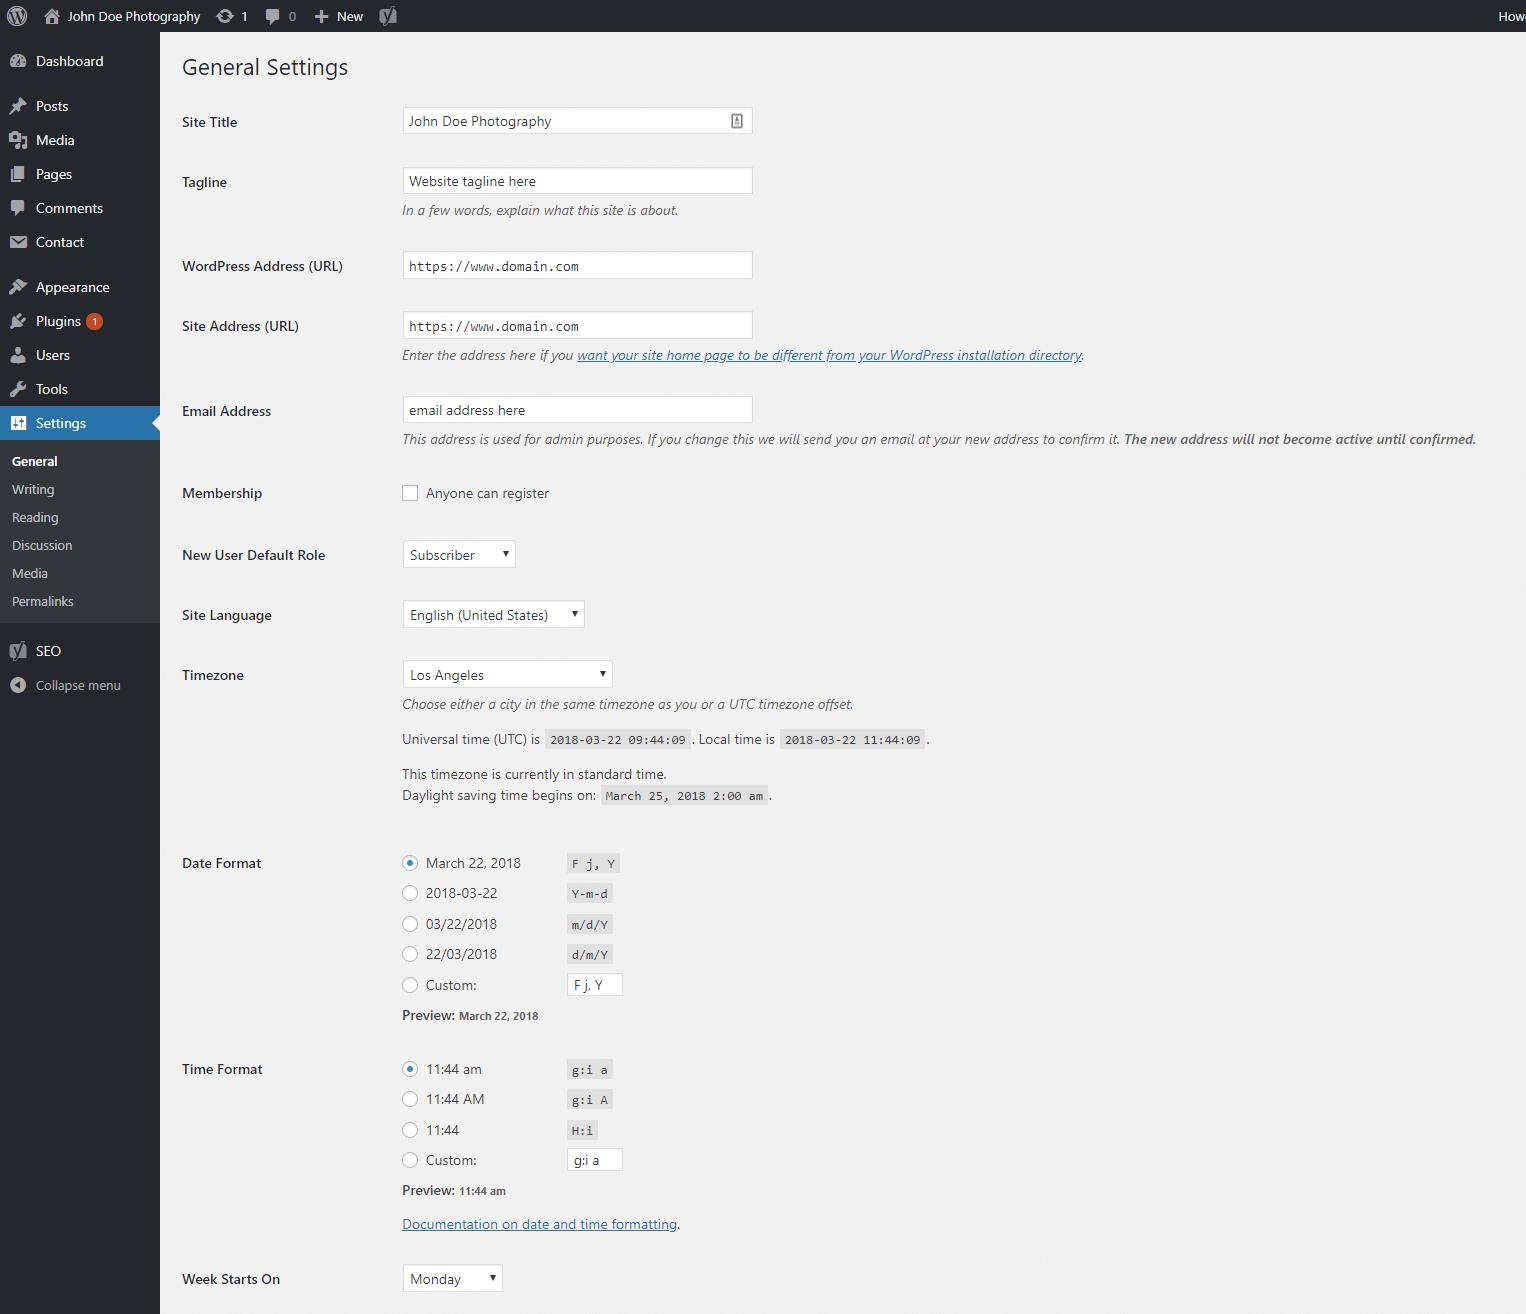 WordPress general settings preview